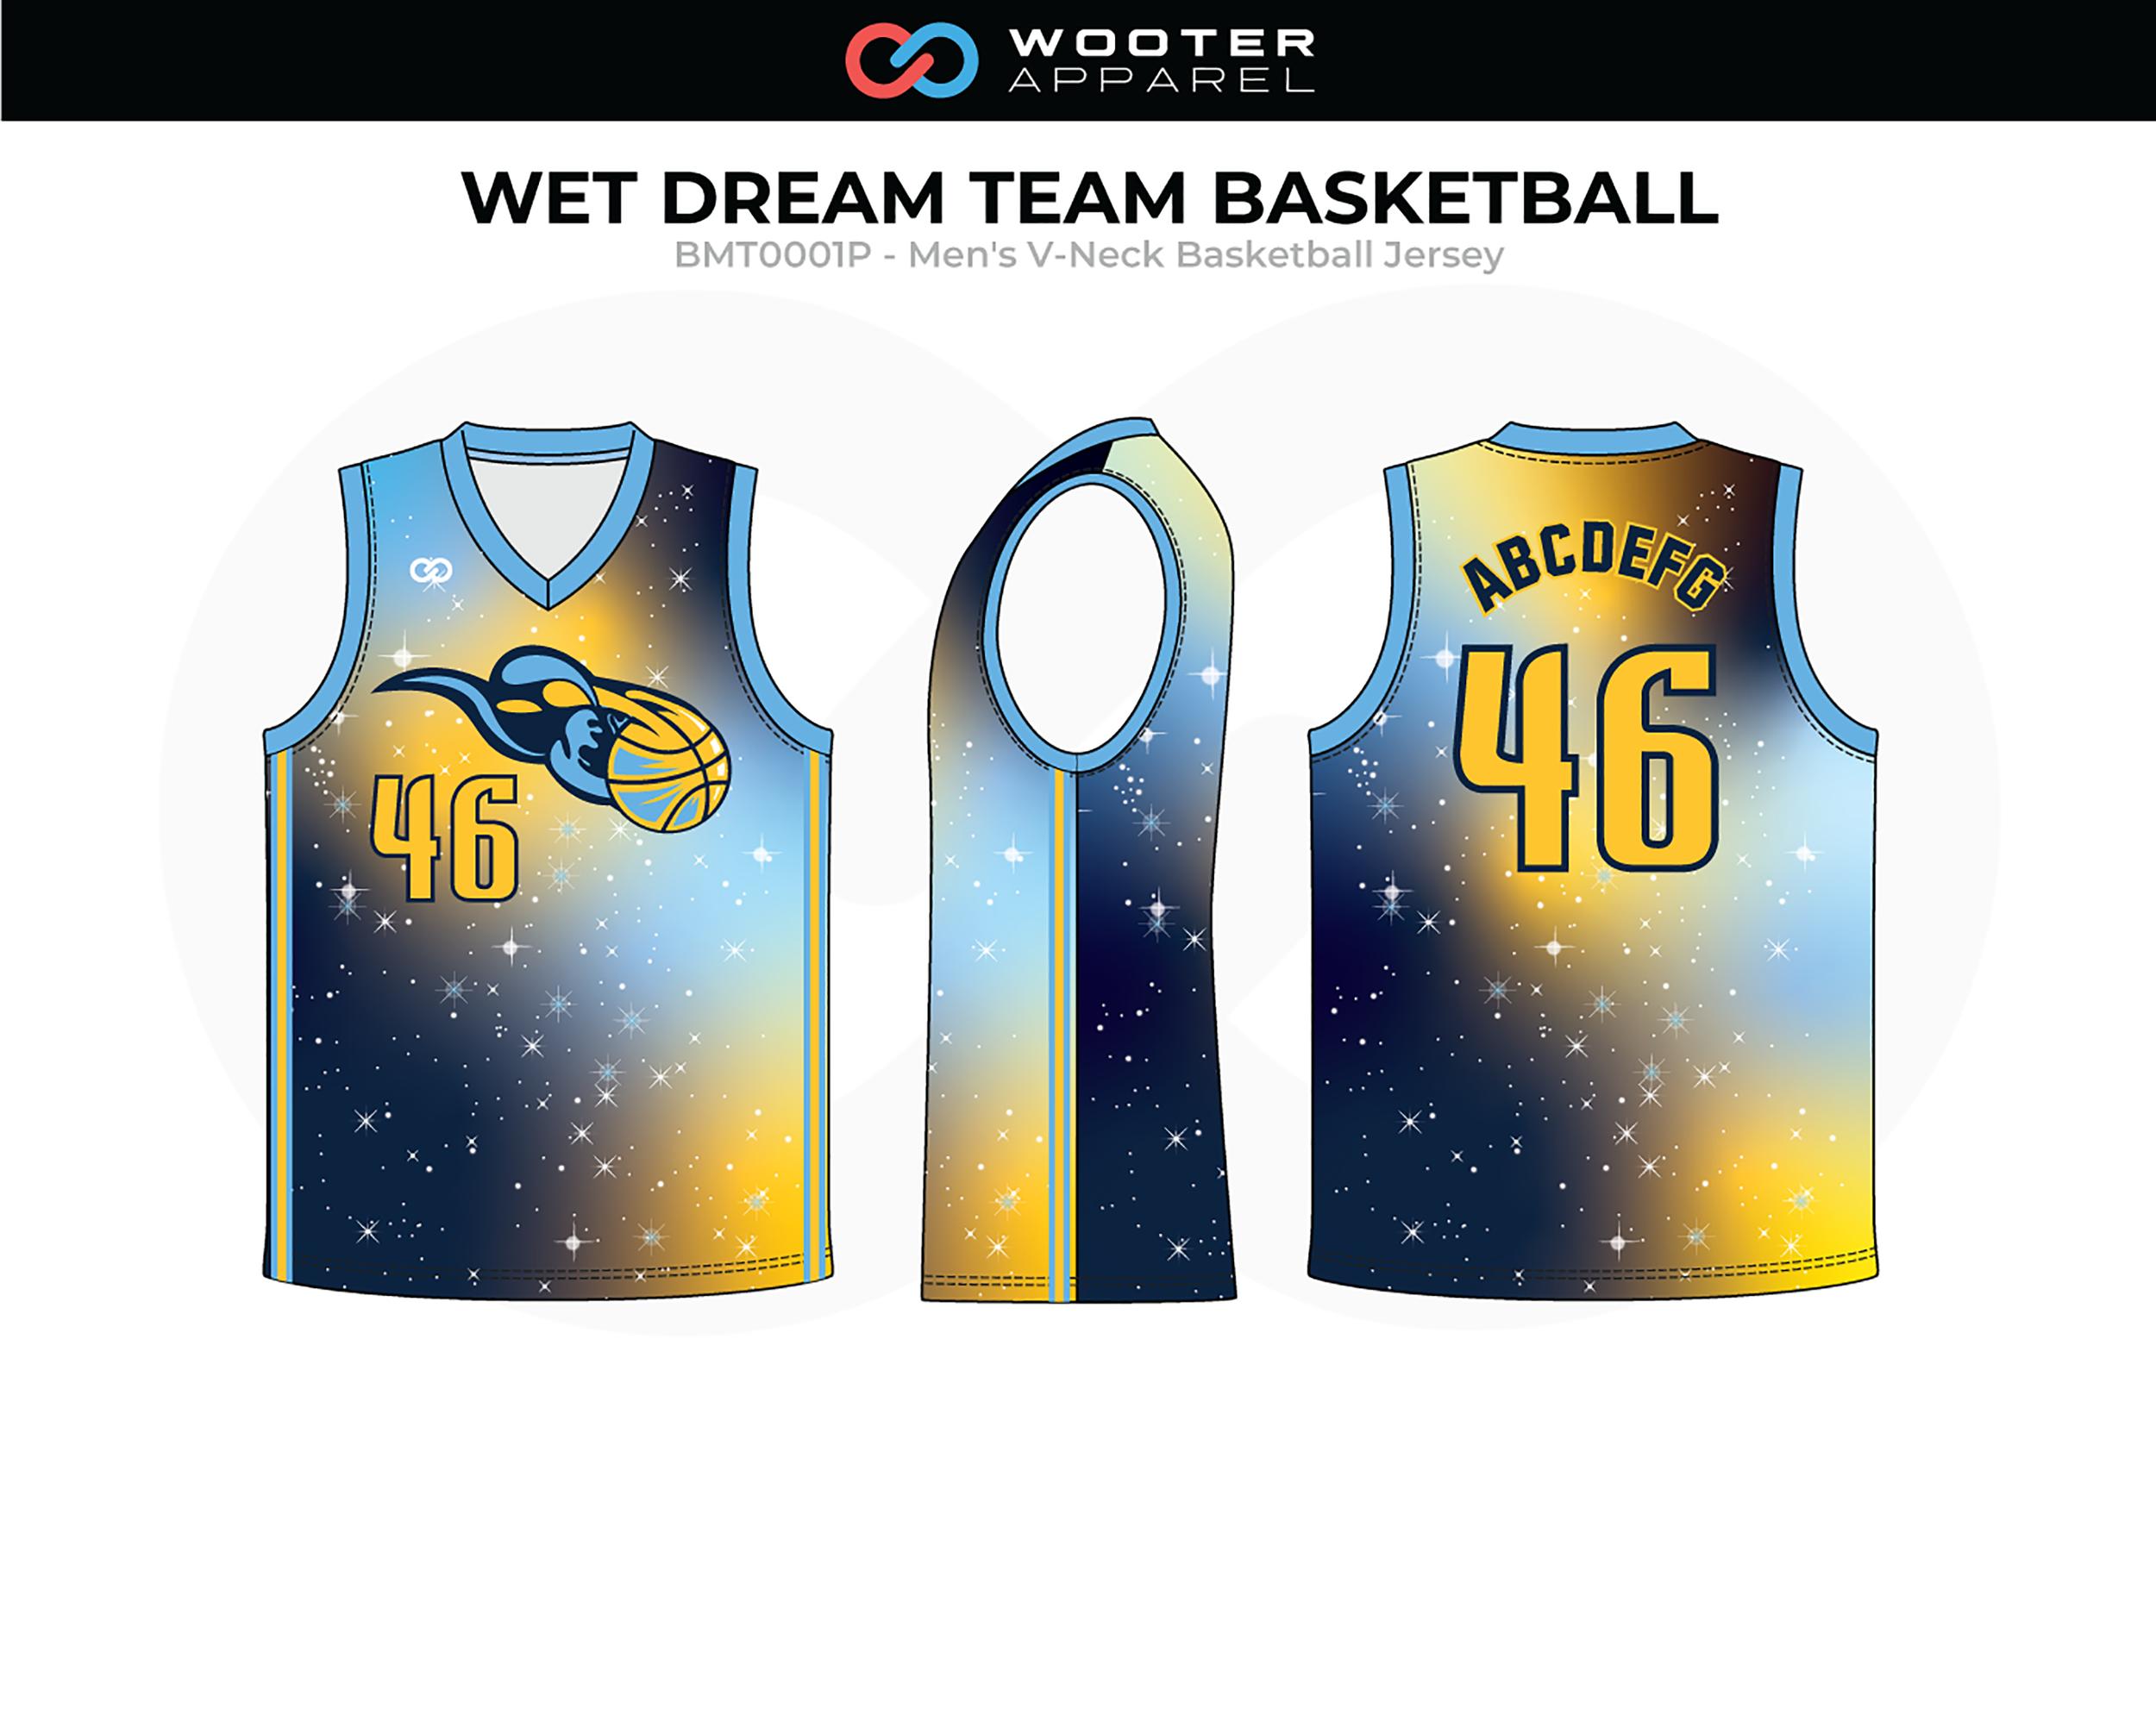 WetDreamTeamBasketball_JerseyMockupV1.png